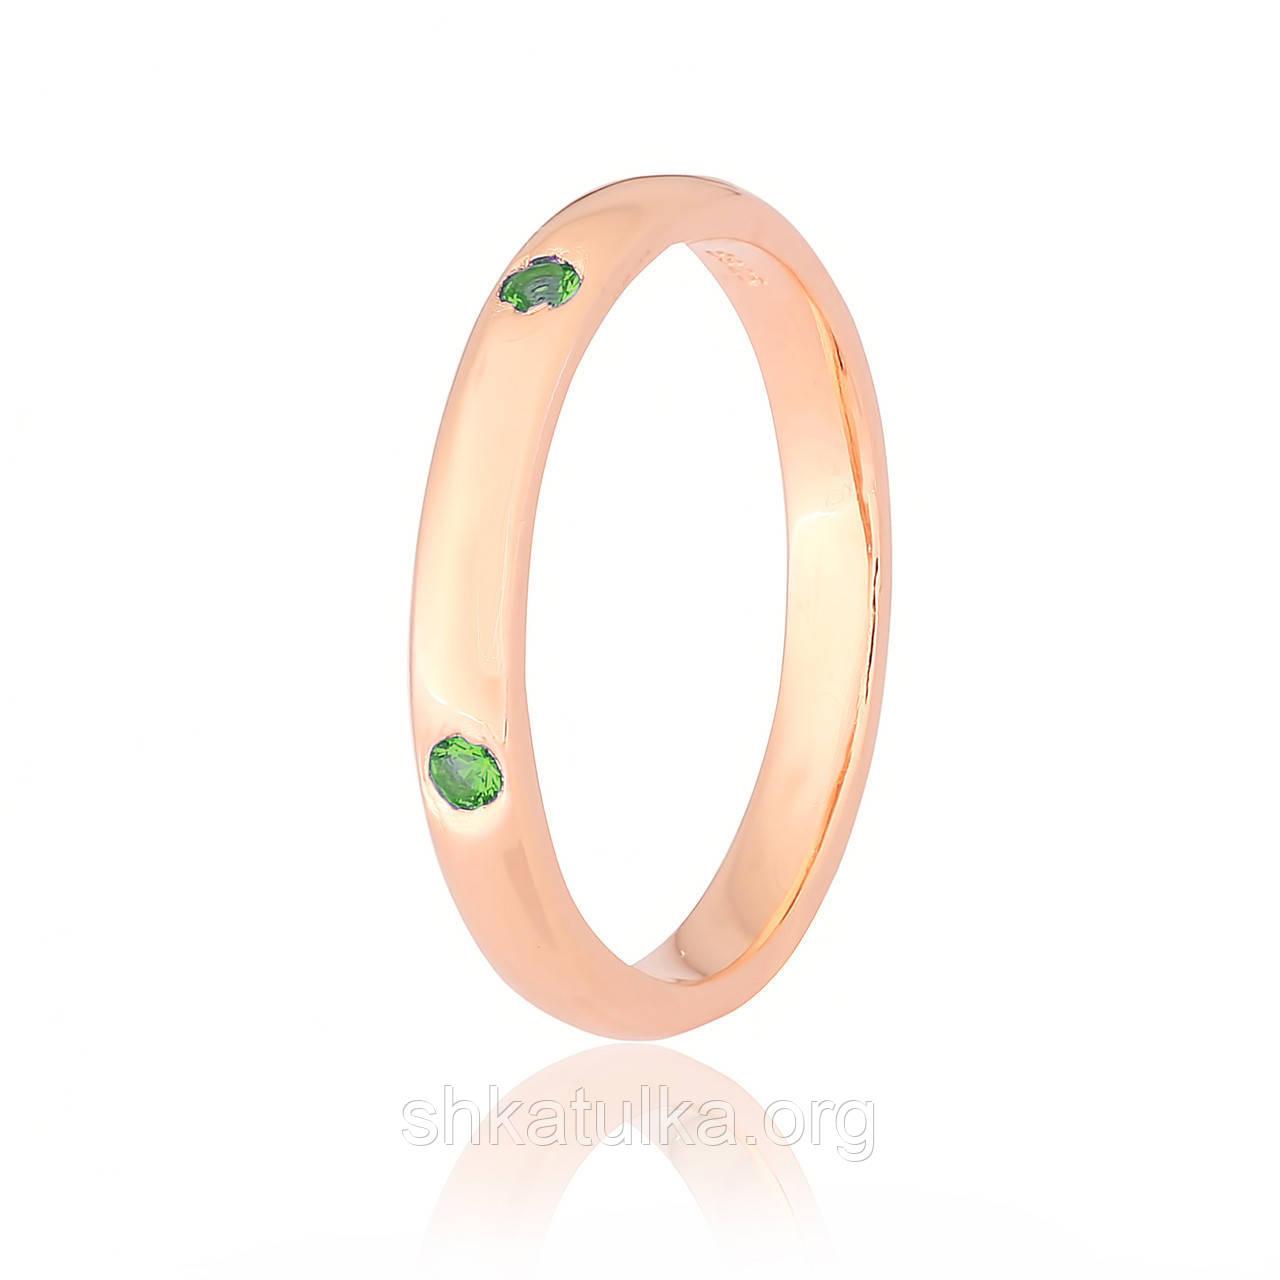 Серебряное кольцо позолоченное с фианитом К3ФИ/812 - 17,1